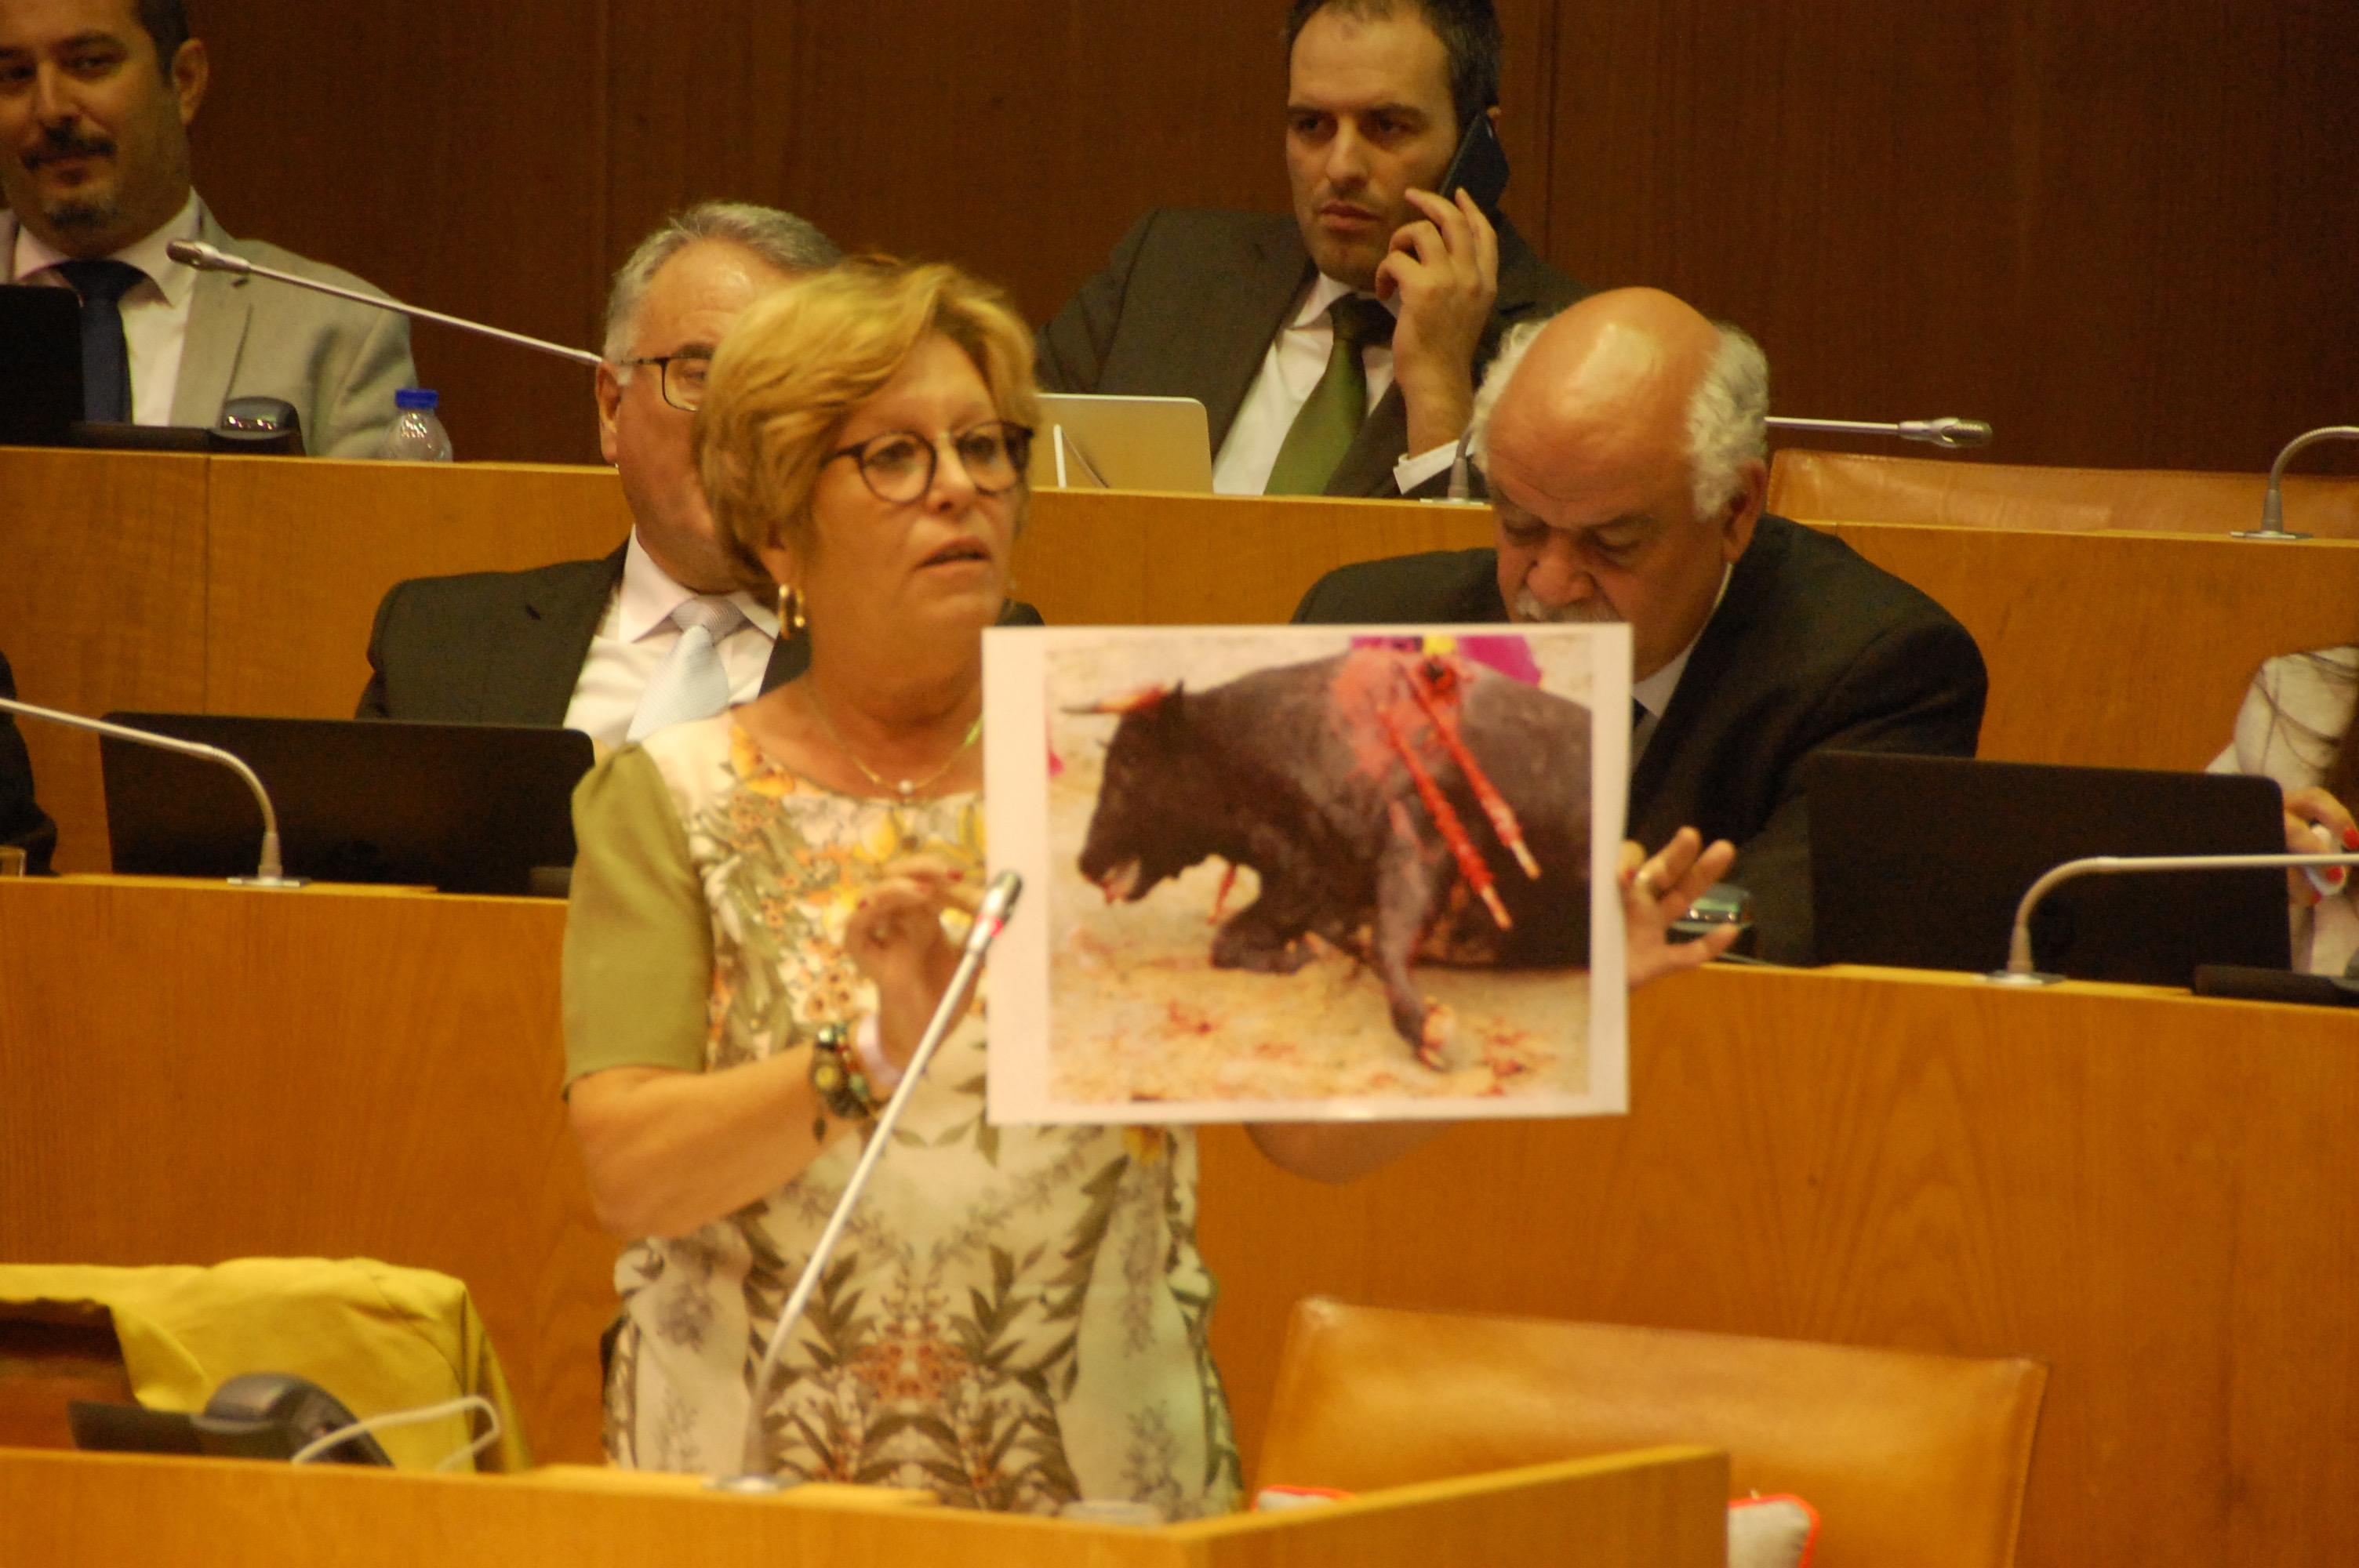 Chumbada proposta do BE para acabar com apoios públicos a espetáculos com sofrimento de animais